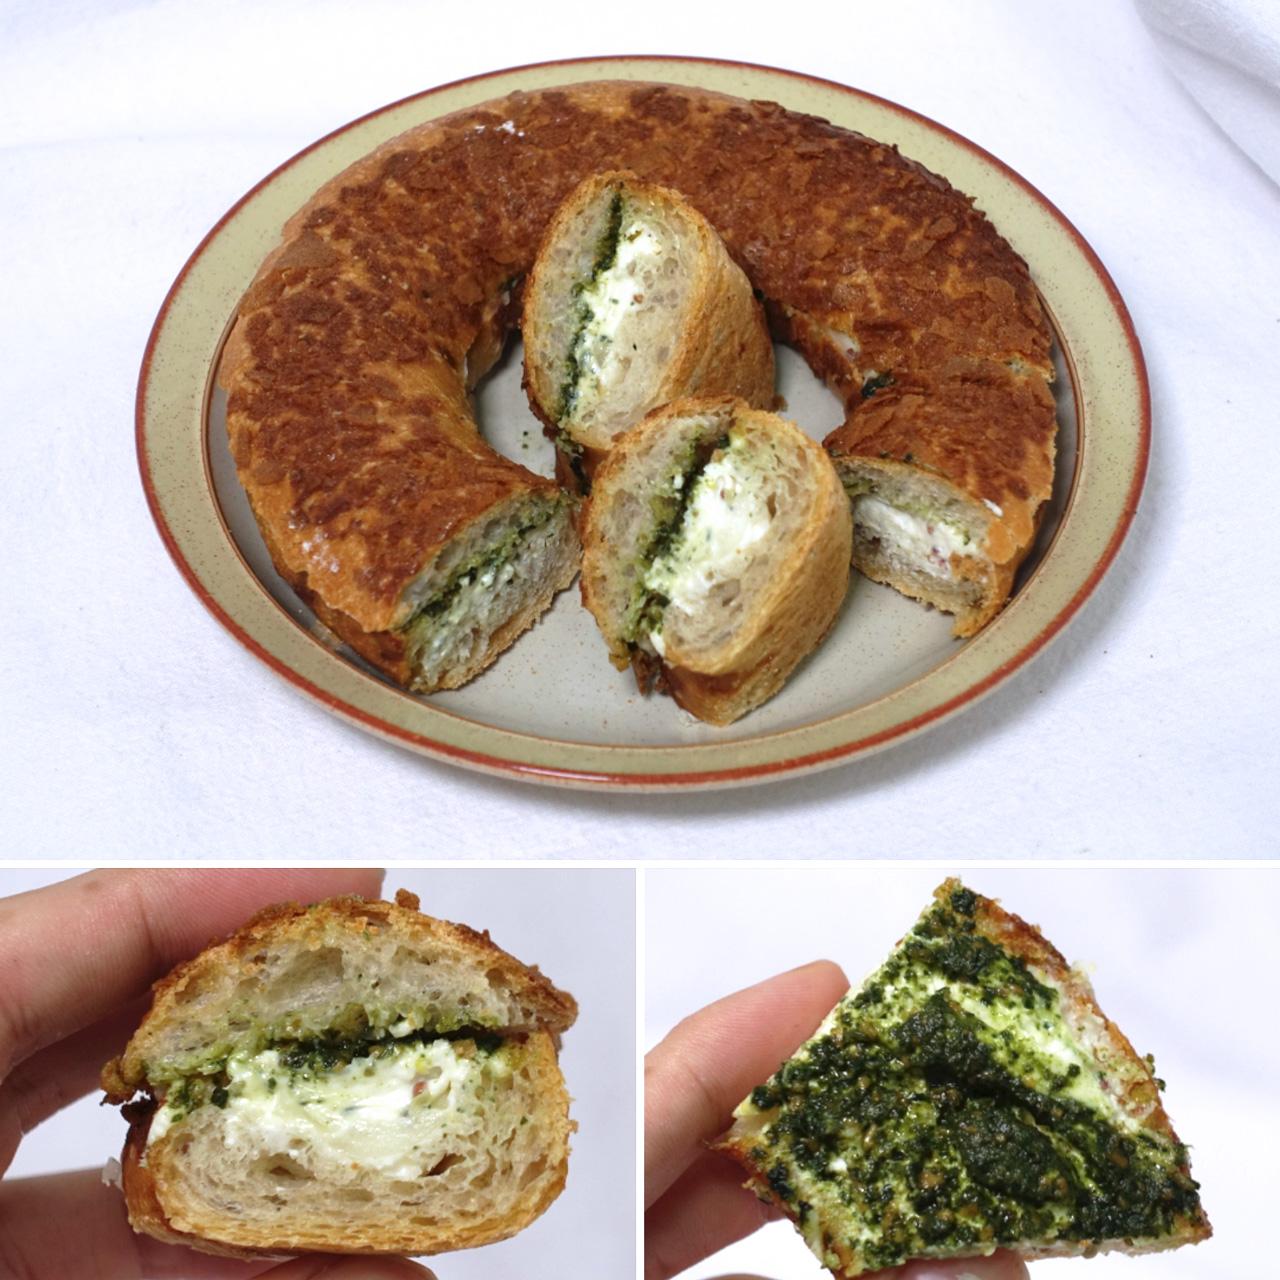 은근히 인기가 많은 빵. 바질이 역시 특징이다.